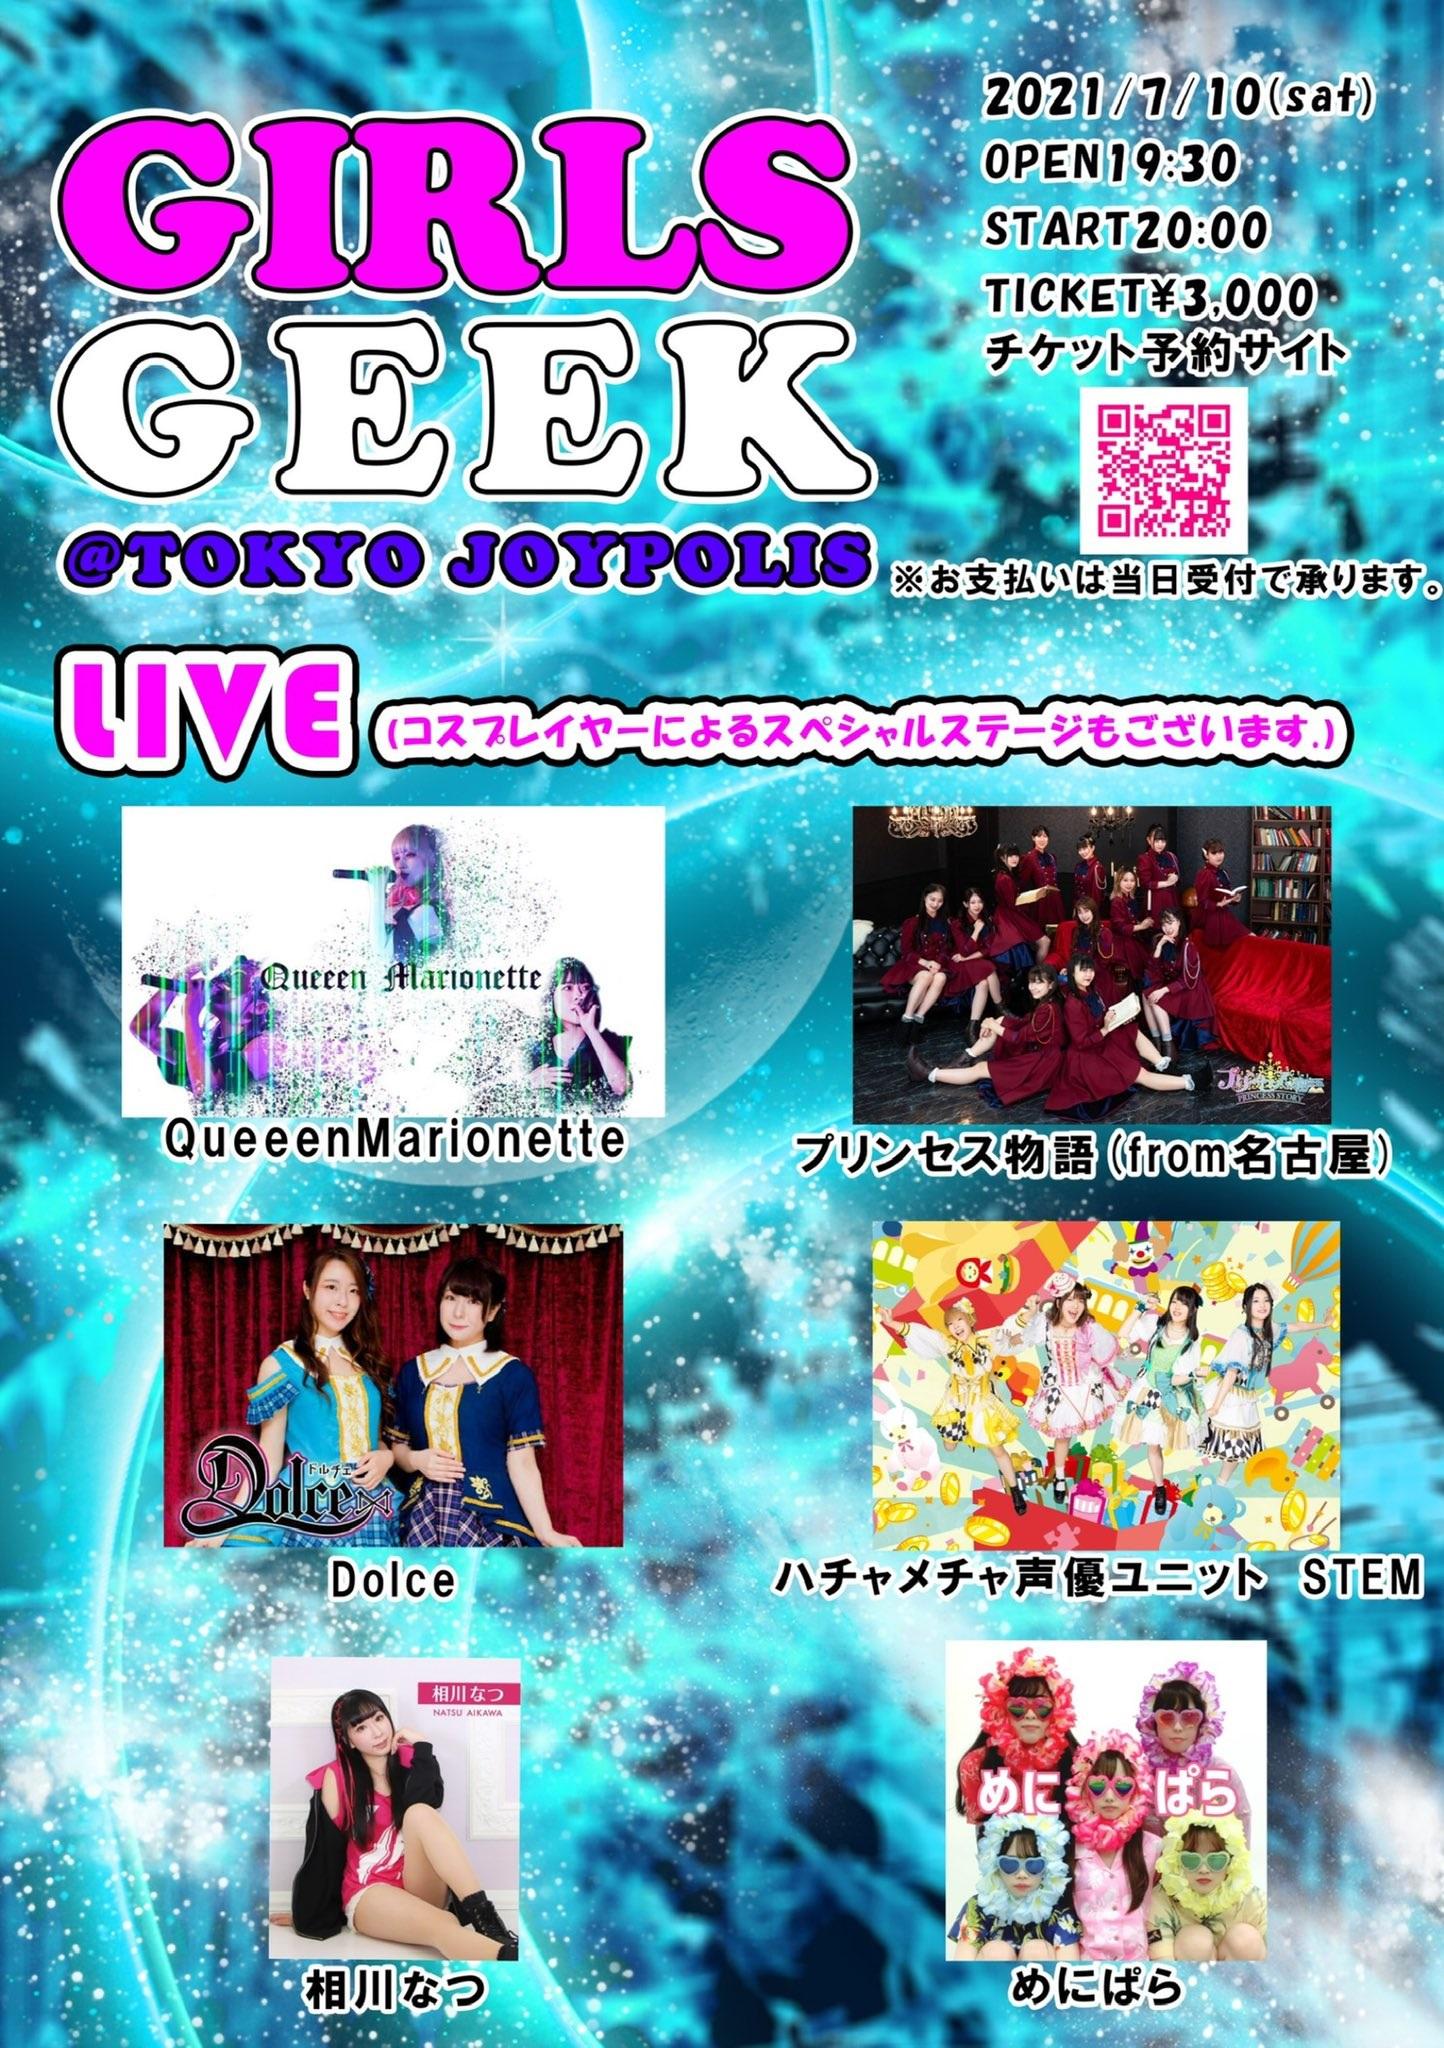 7月10日(土)「GIRLS GEEK×JOYCOS」に出演します!!!